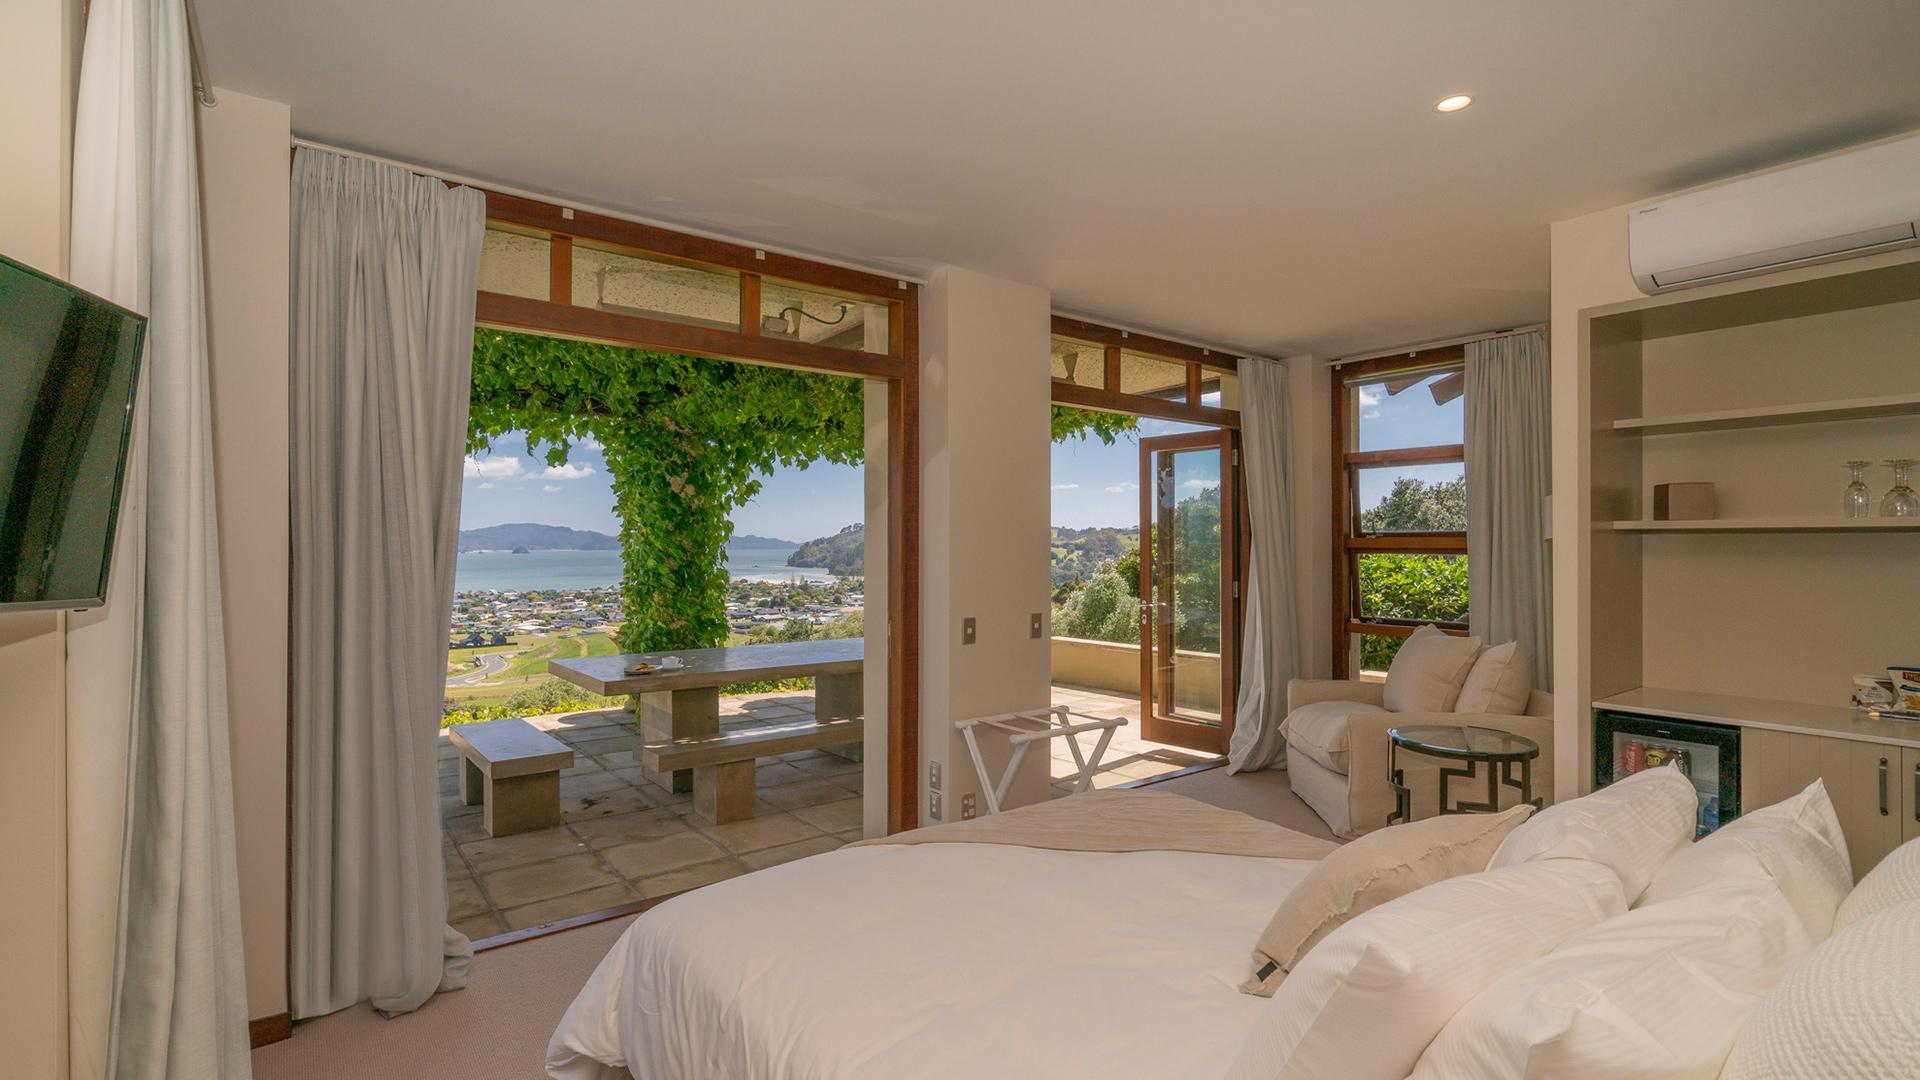 Entire Villa image 1 at Mercury Ridge by null, Waikato, New Zealand